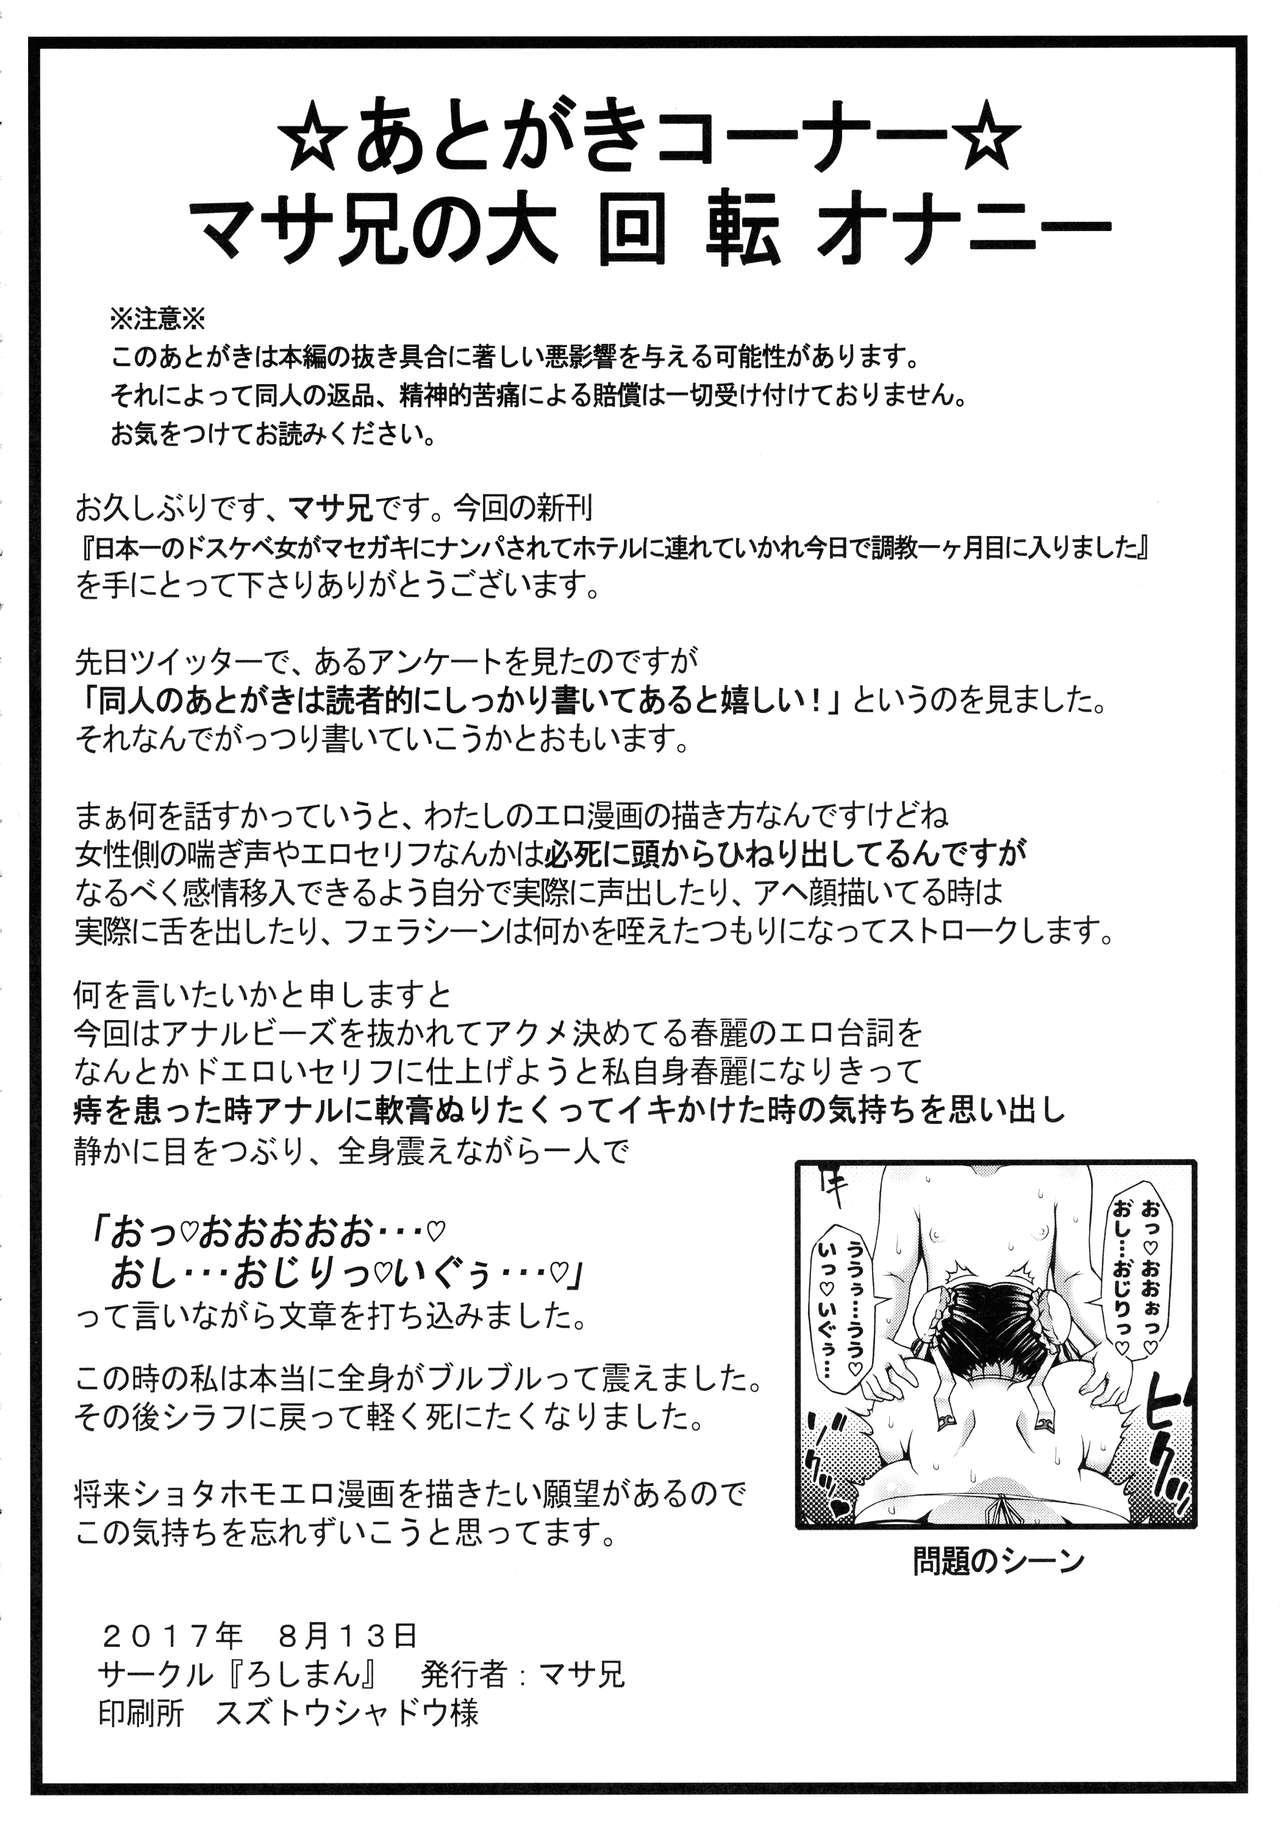 Nihon'ichi no Dosukebe Onna ga Masegaki ni Nanpa Sarete Hoteru ni Ttsurete Ika re Kyou de Choukyou ikkatsuki-me ni Hairimashita 25